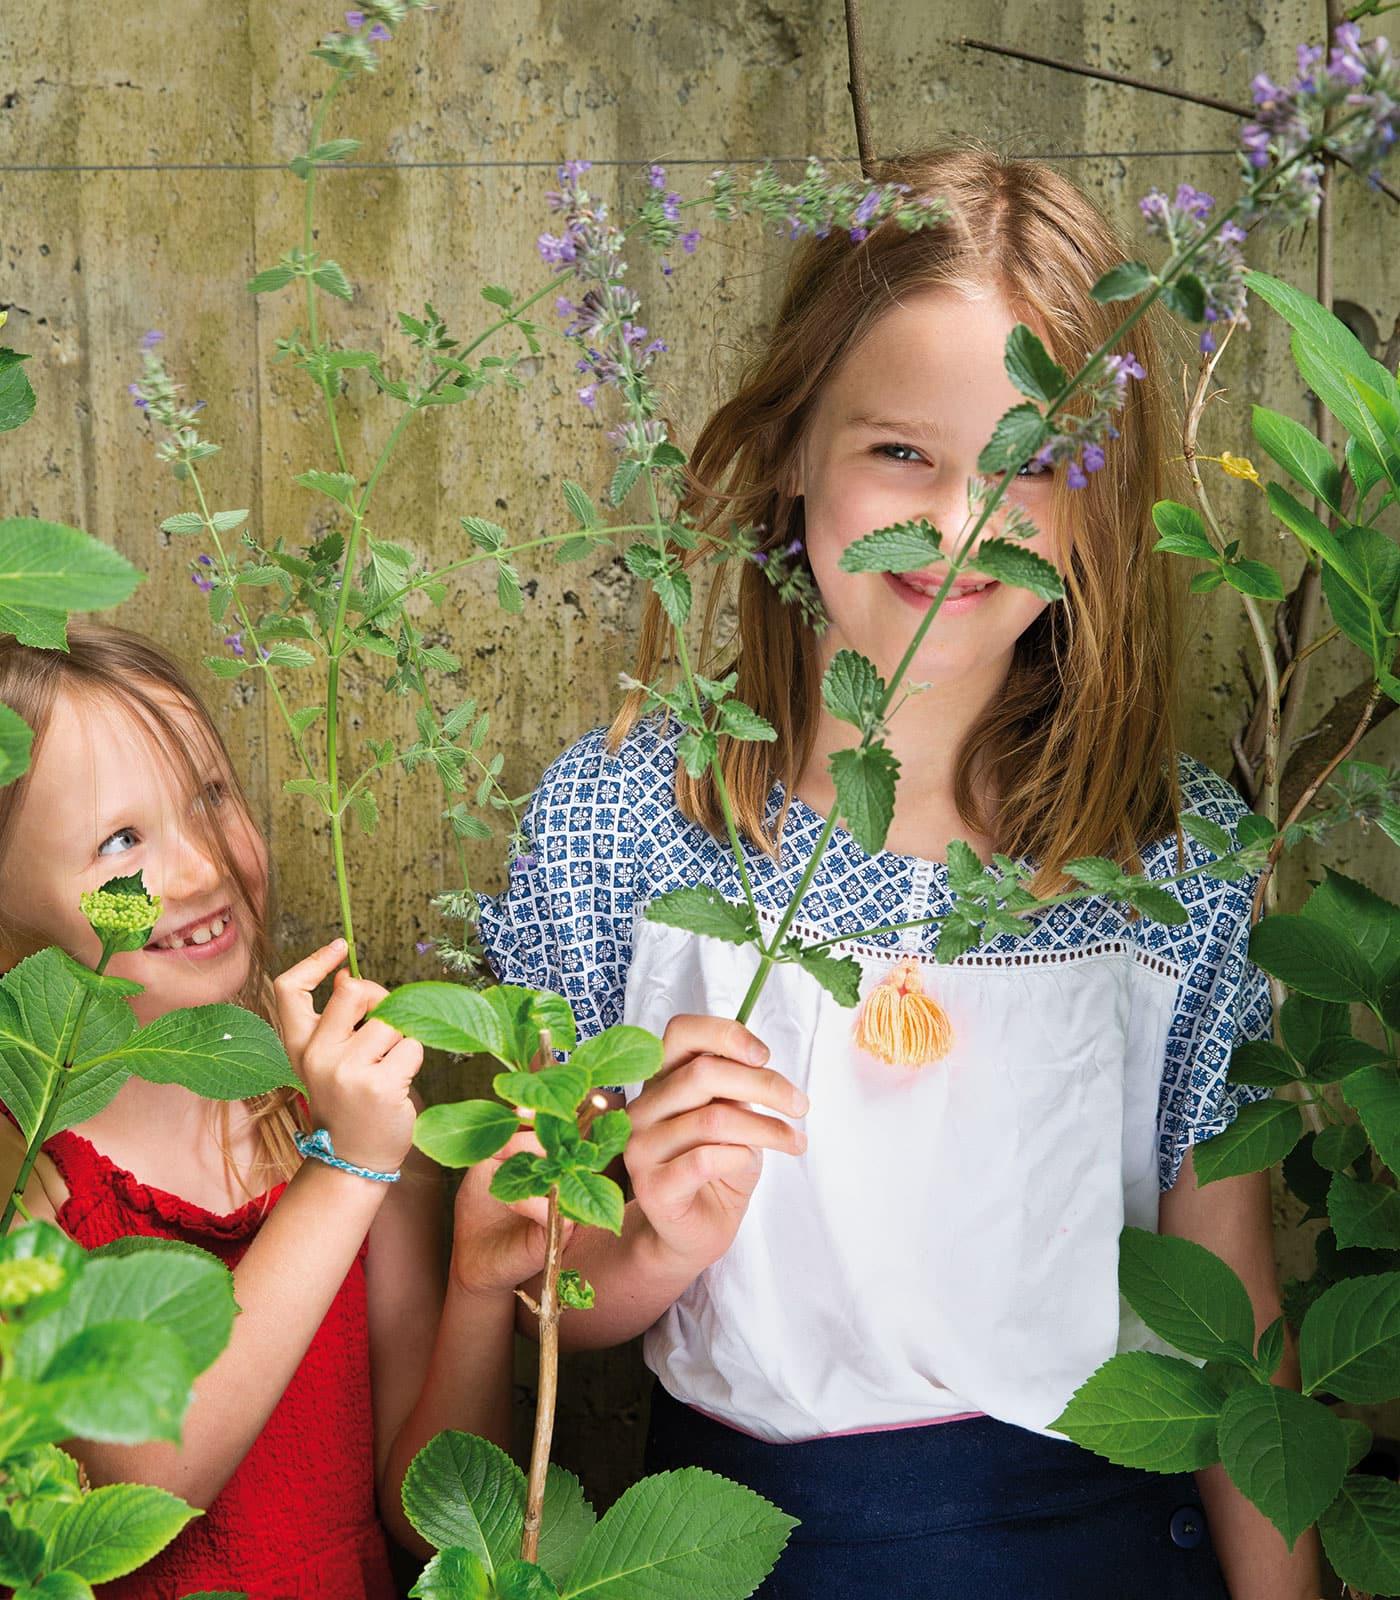 Kinder und Jugendliche engagieren sich für Klimaschutz // HIMBEER